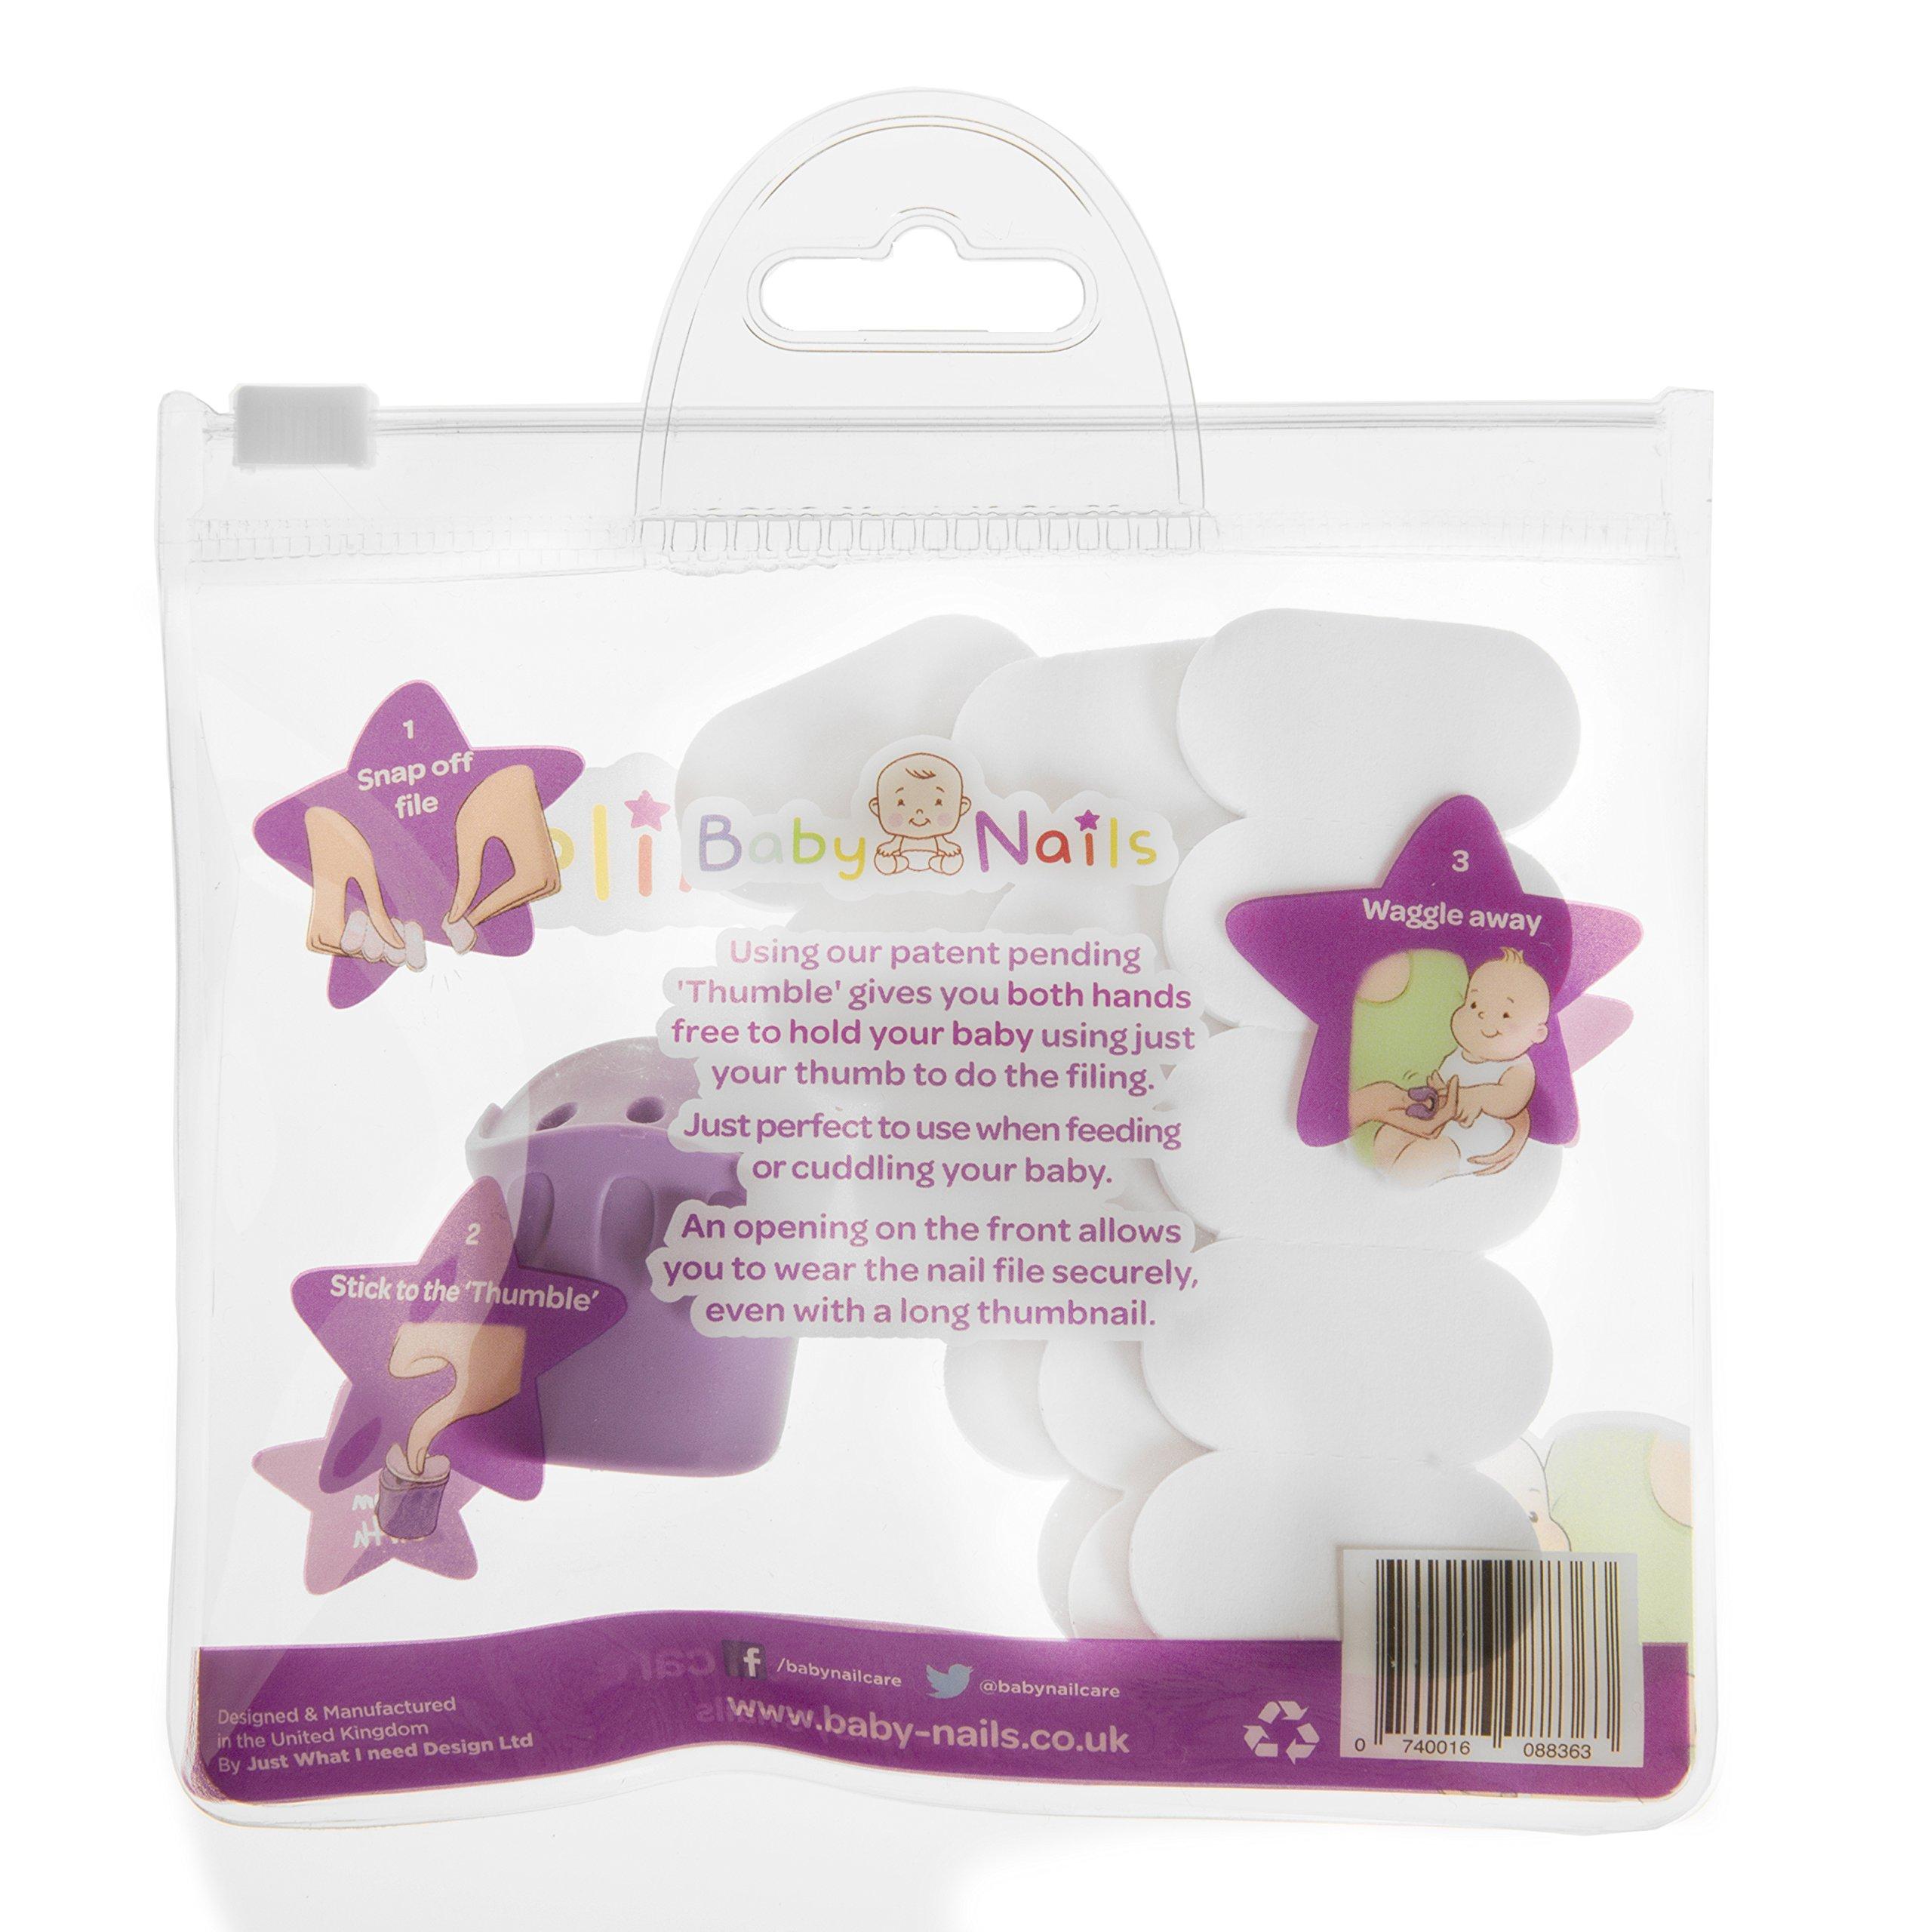 Baby Nails - Nagelpflege für Babys I Handfreies Babypflege-Set für Neugeborene ab 3 Monate I Geschenkidee für werdende Mütter I Standard Pack – 15 Einwegfeilen